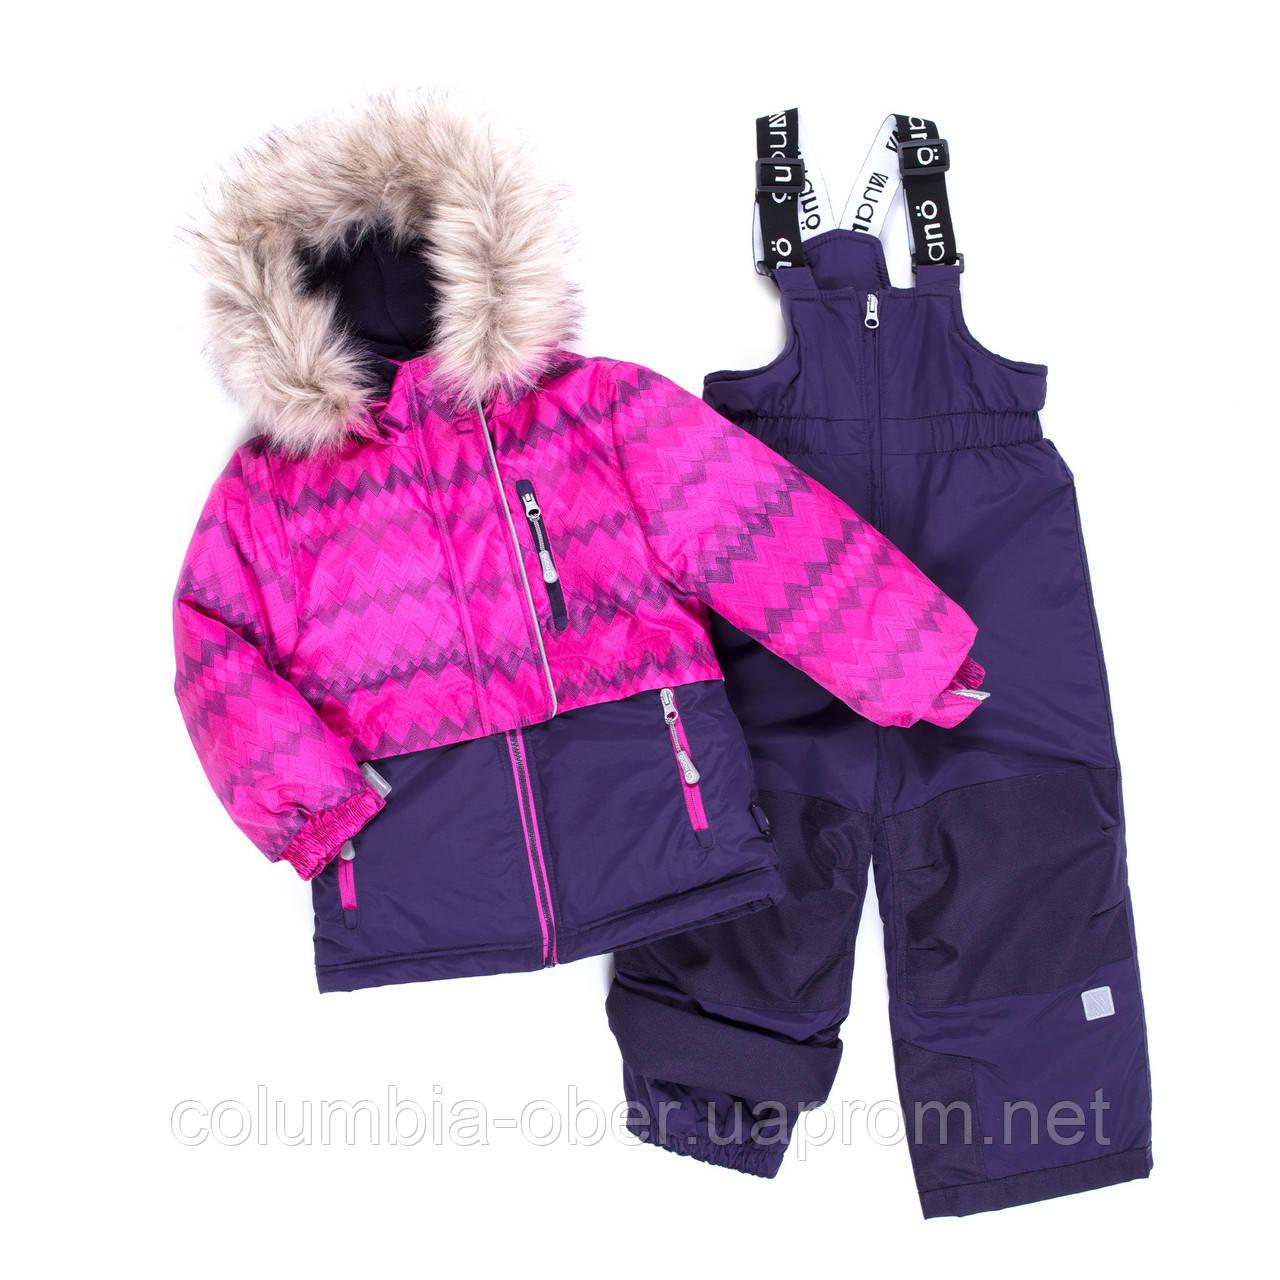 Зимний комплект для девочки NANO F19M276 Plum / Purple. Размеры 2 - 12.